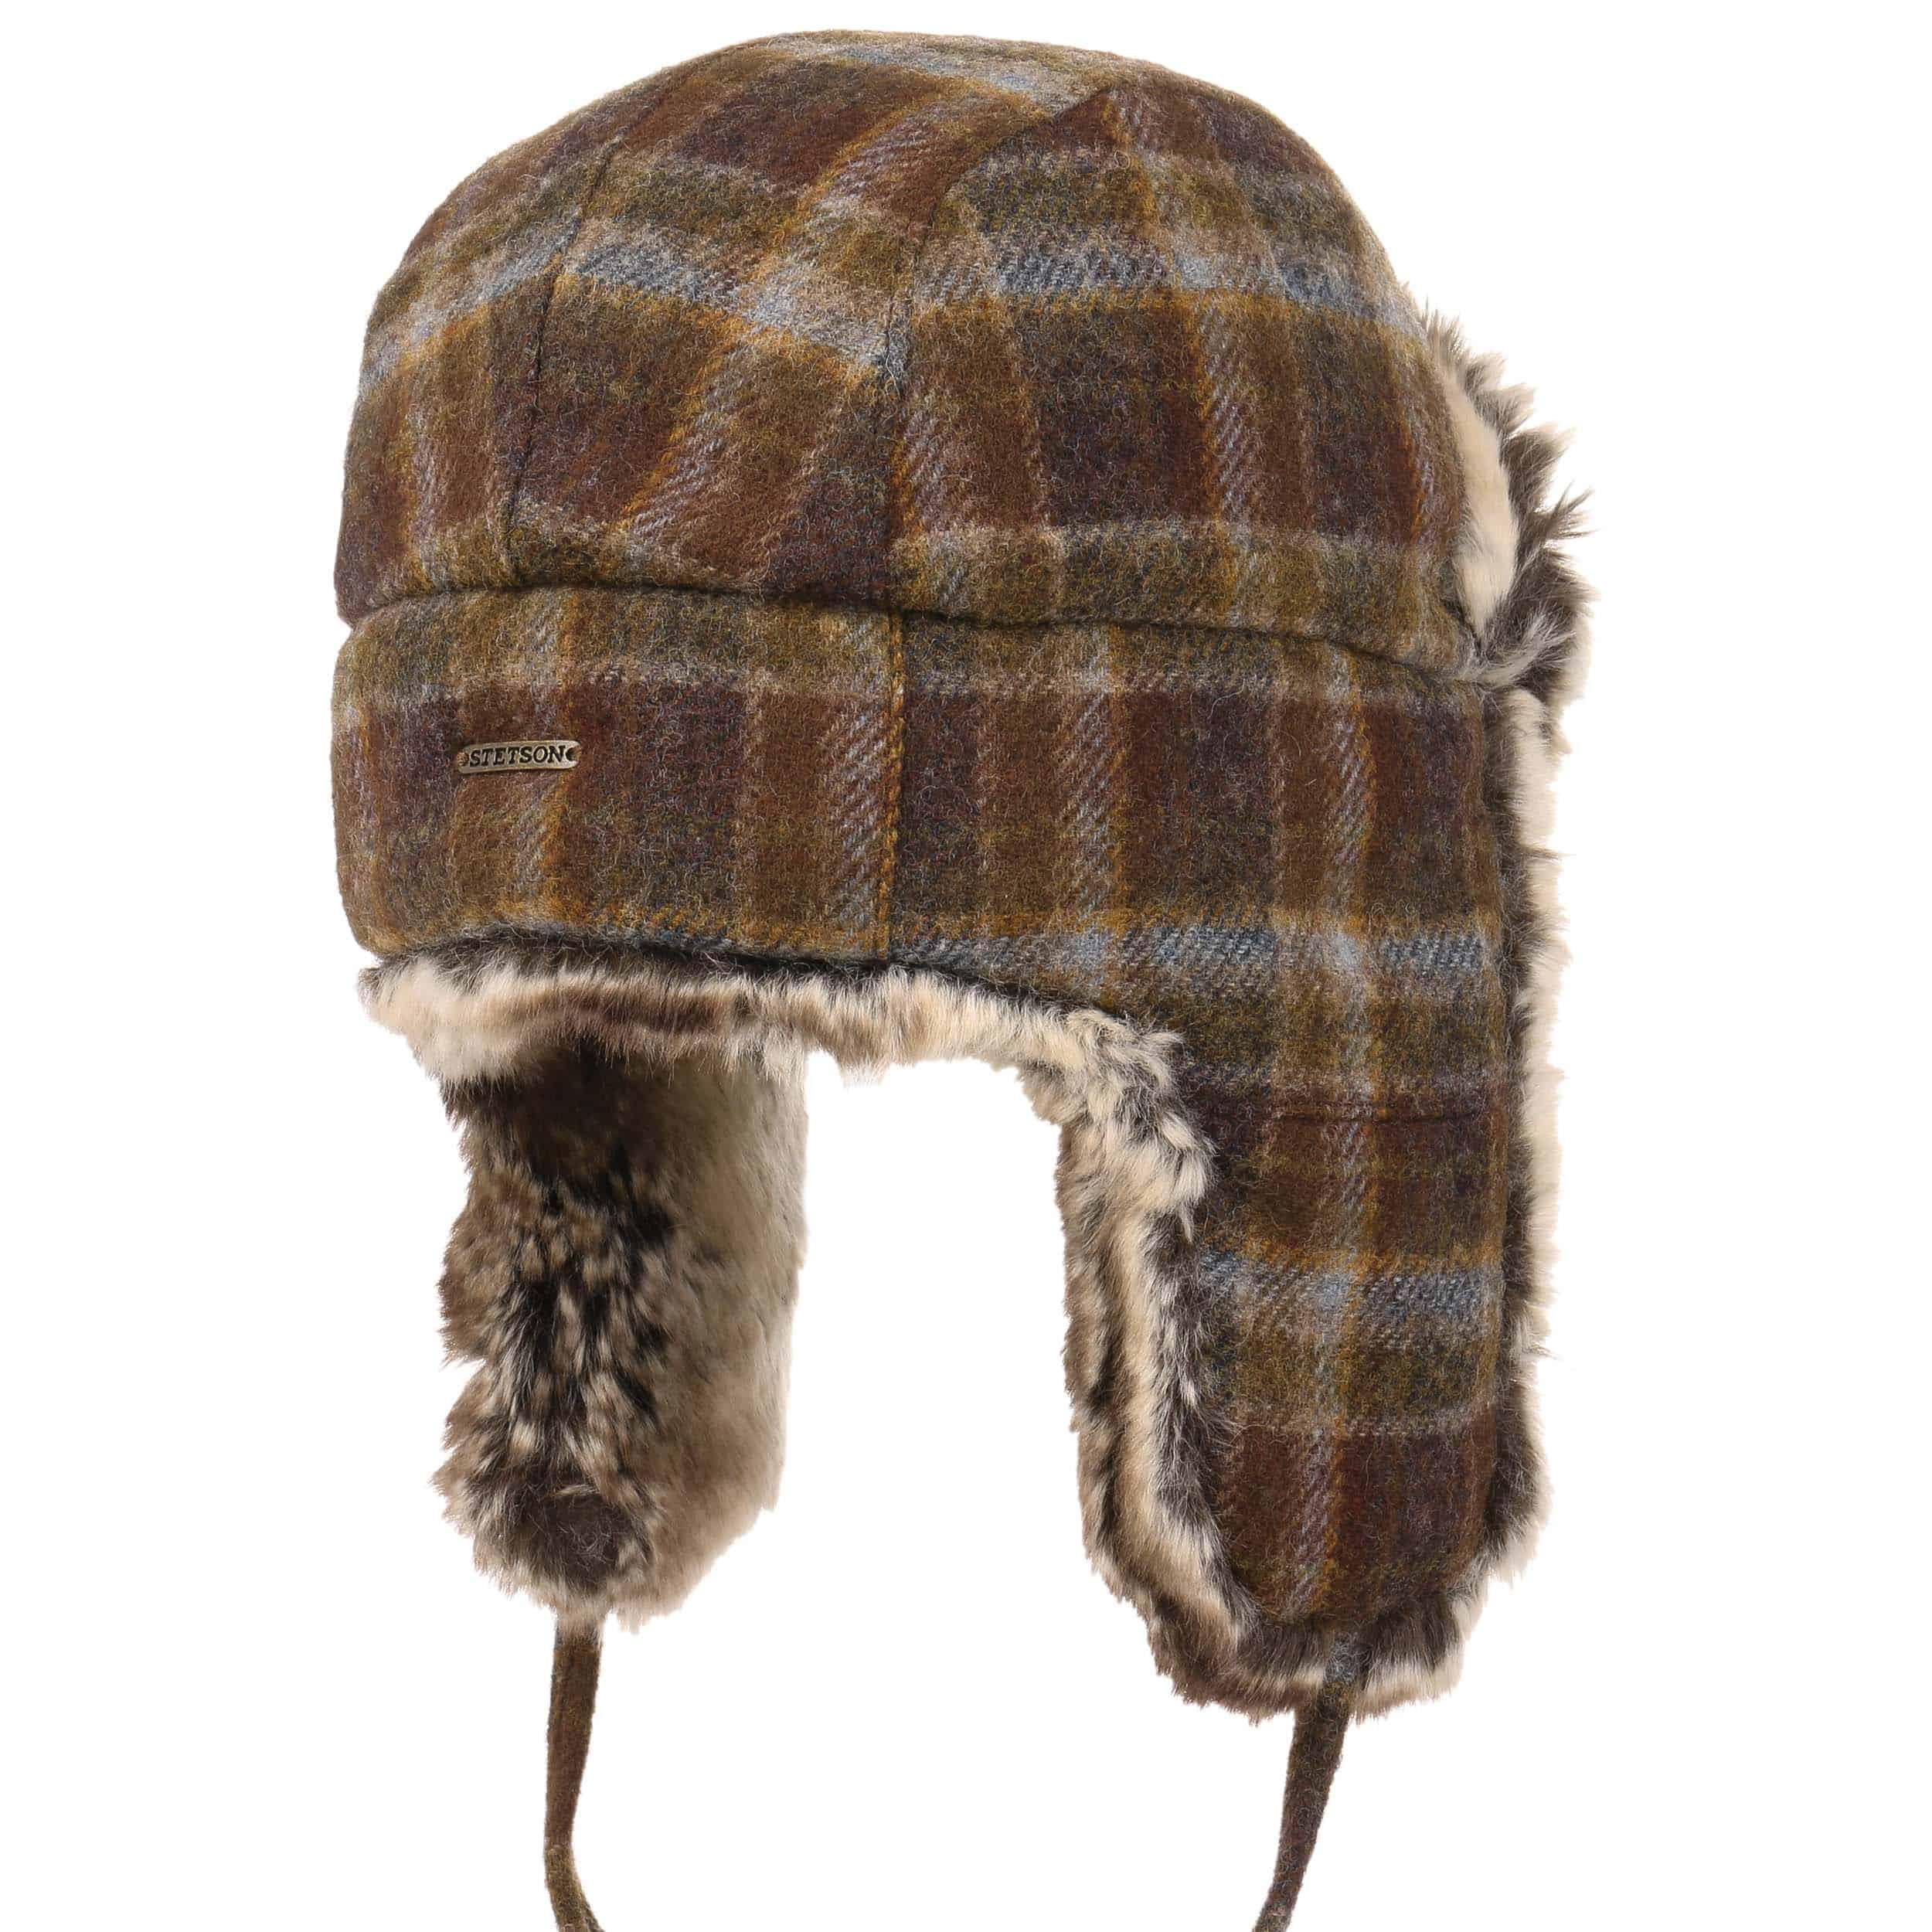 ef7eeef1e9d ... Owasso Woolrich Aviator Hat by Stetson - brown 3 ...